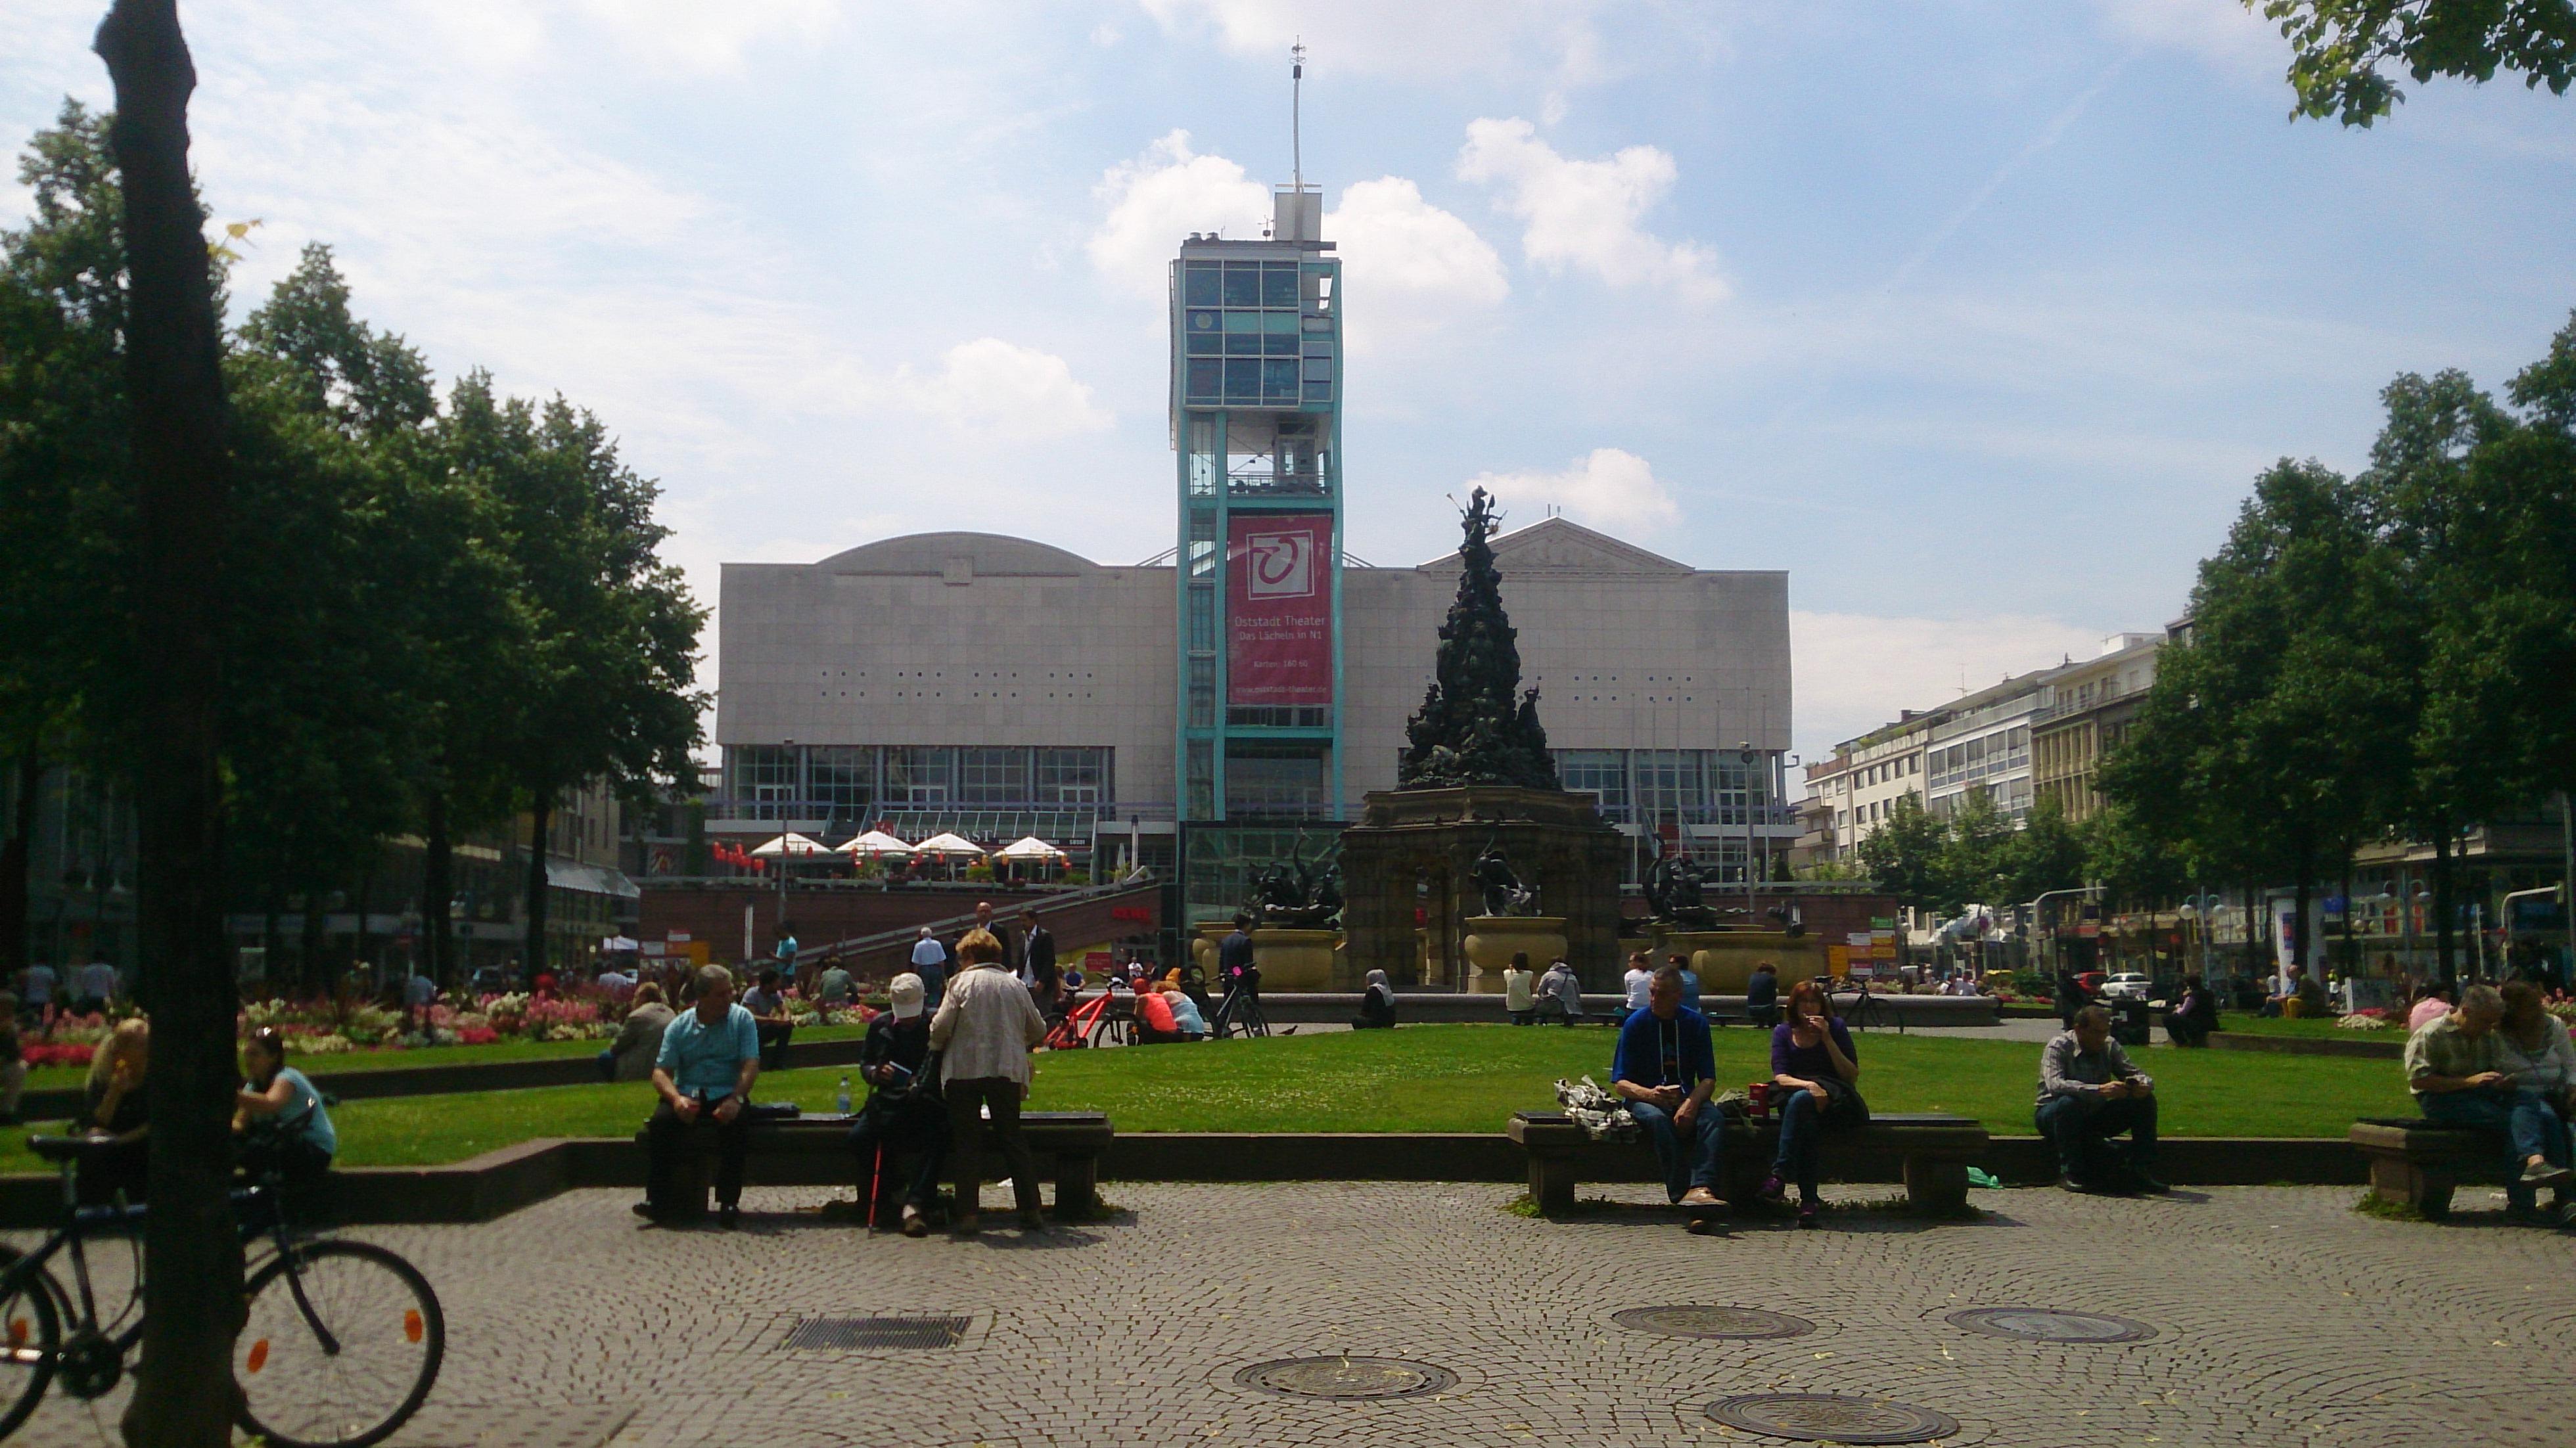 Paradeplatz | Mannheim | Explore my City | OurGlobetrotters.Com